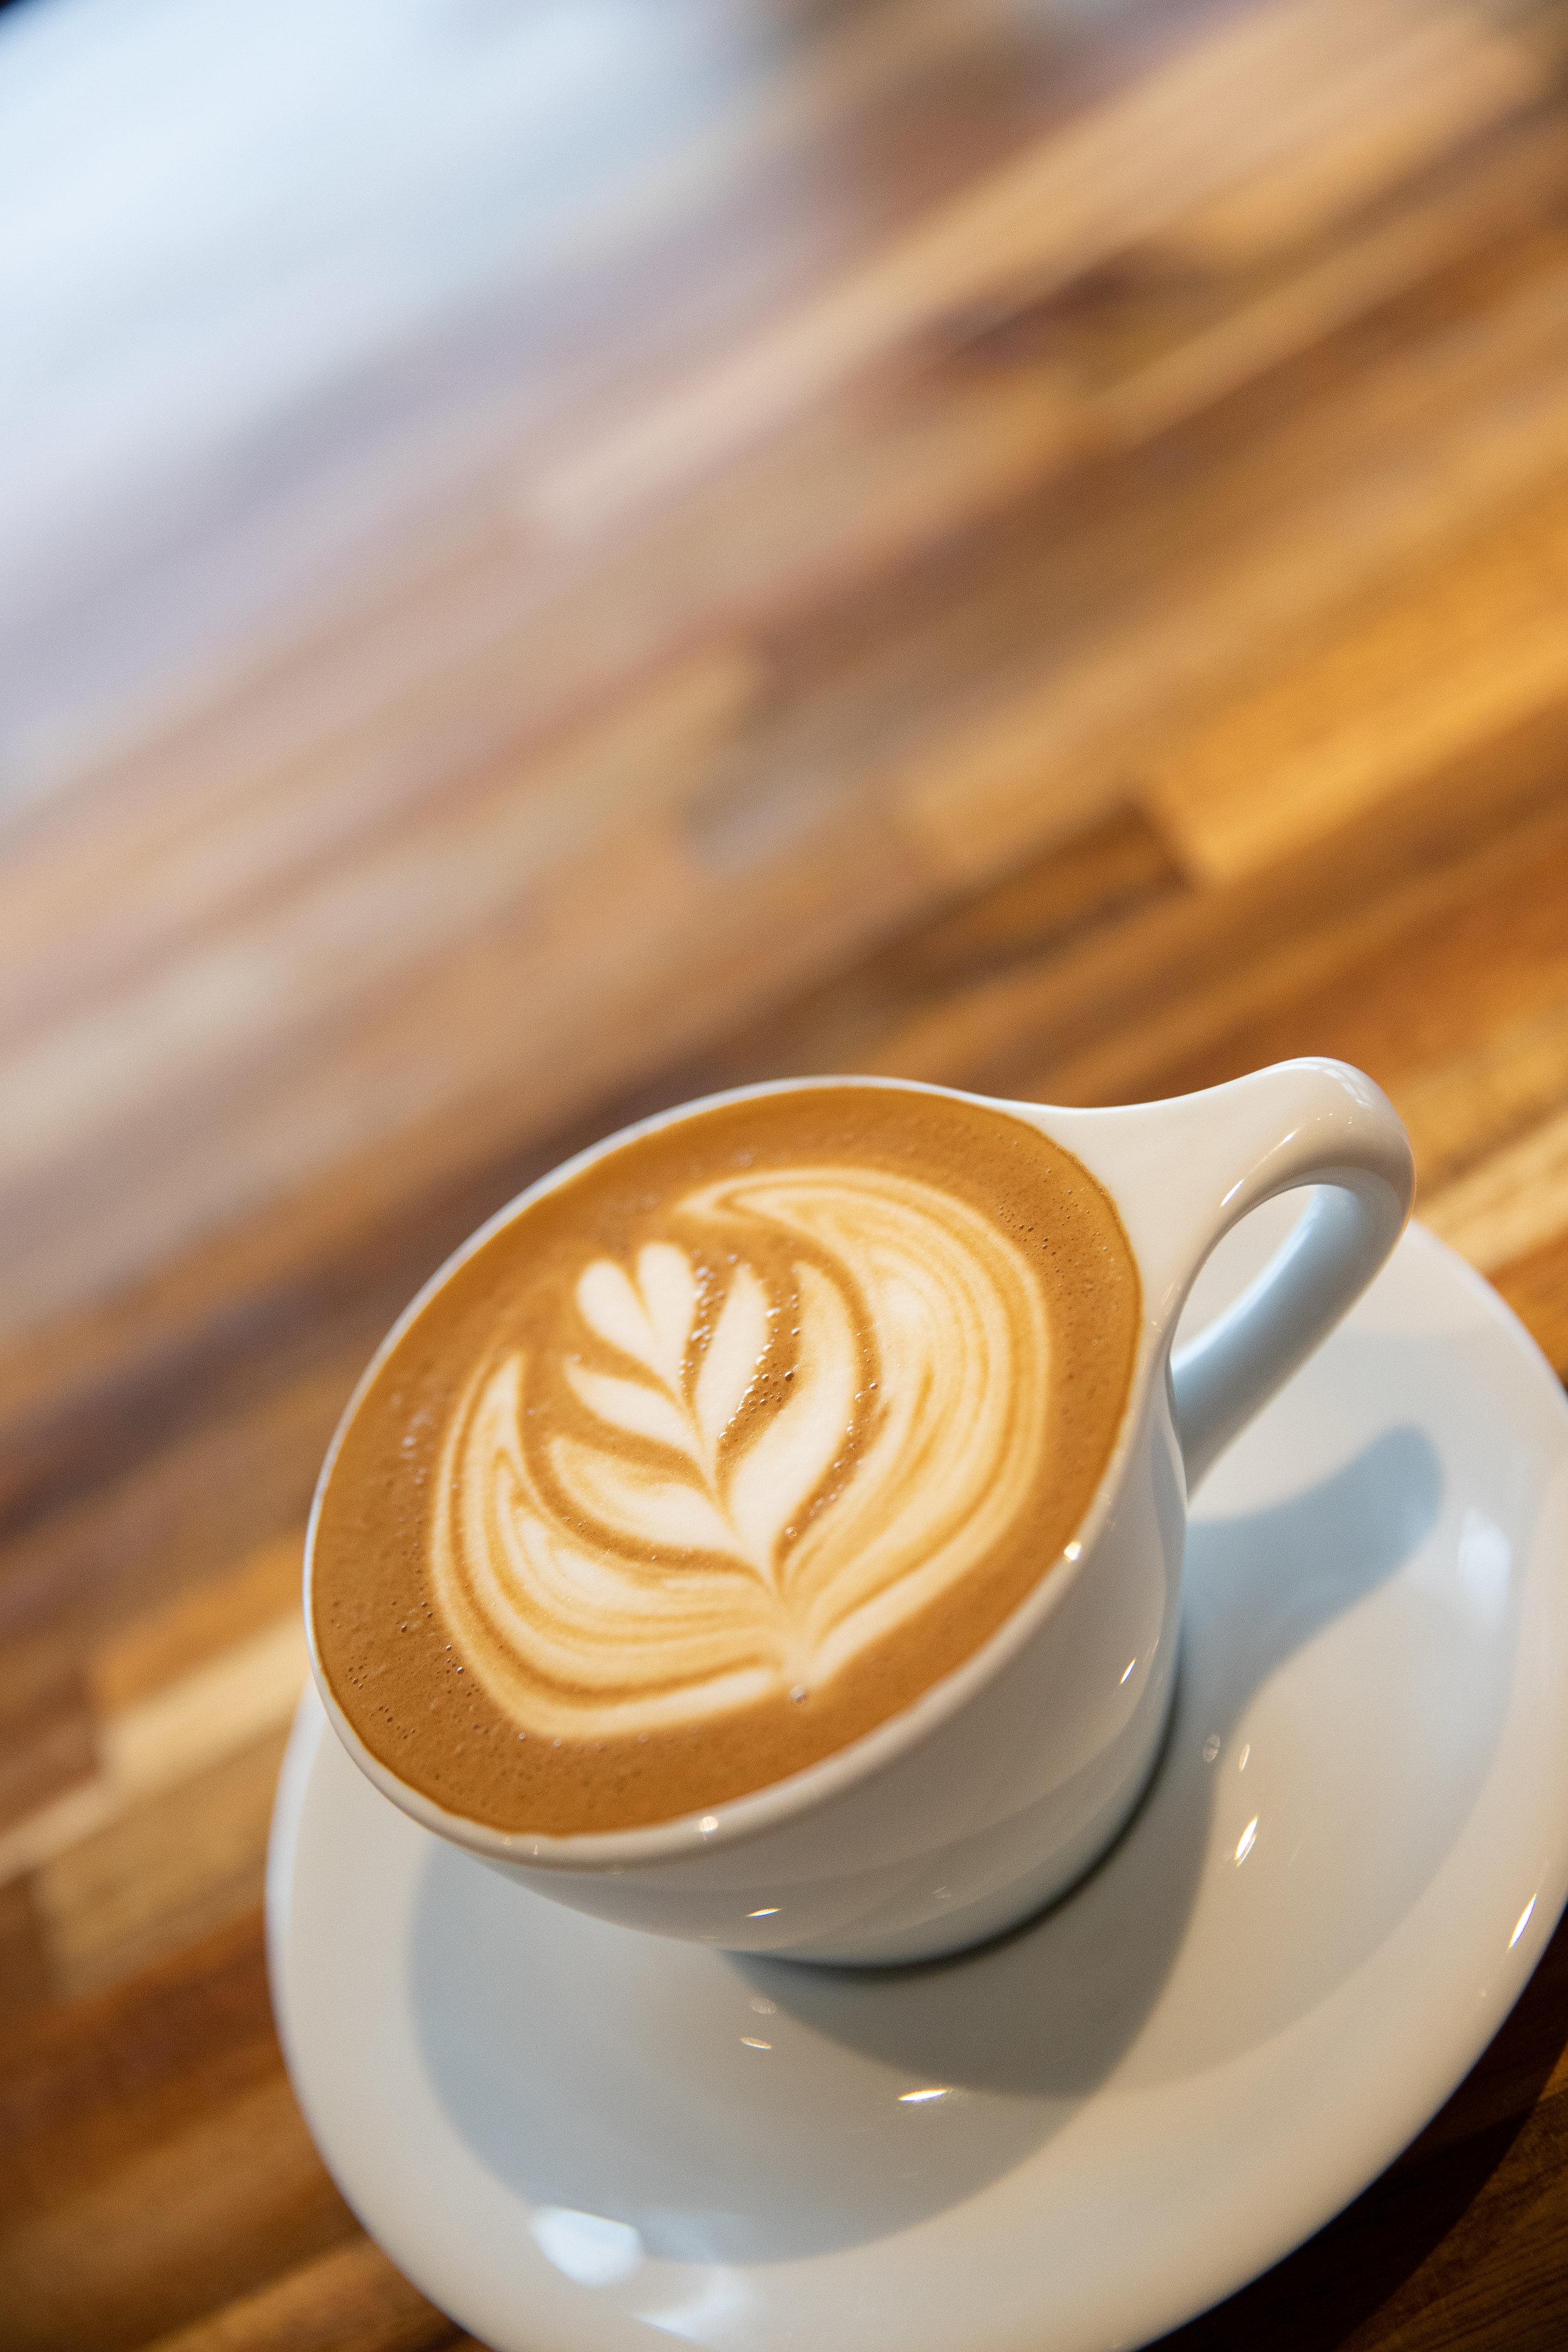 coffeeshop-photography-9I0629.jpg